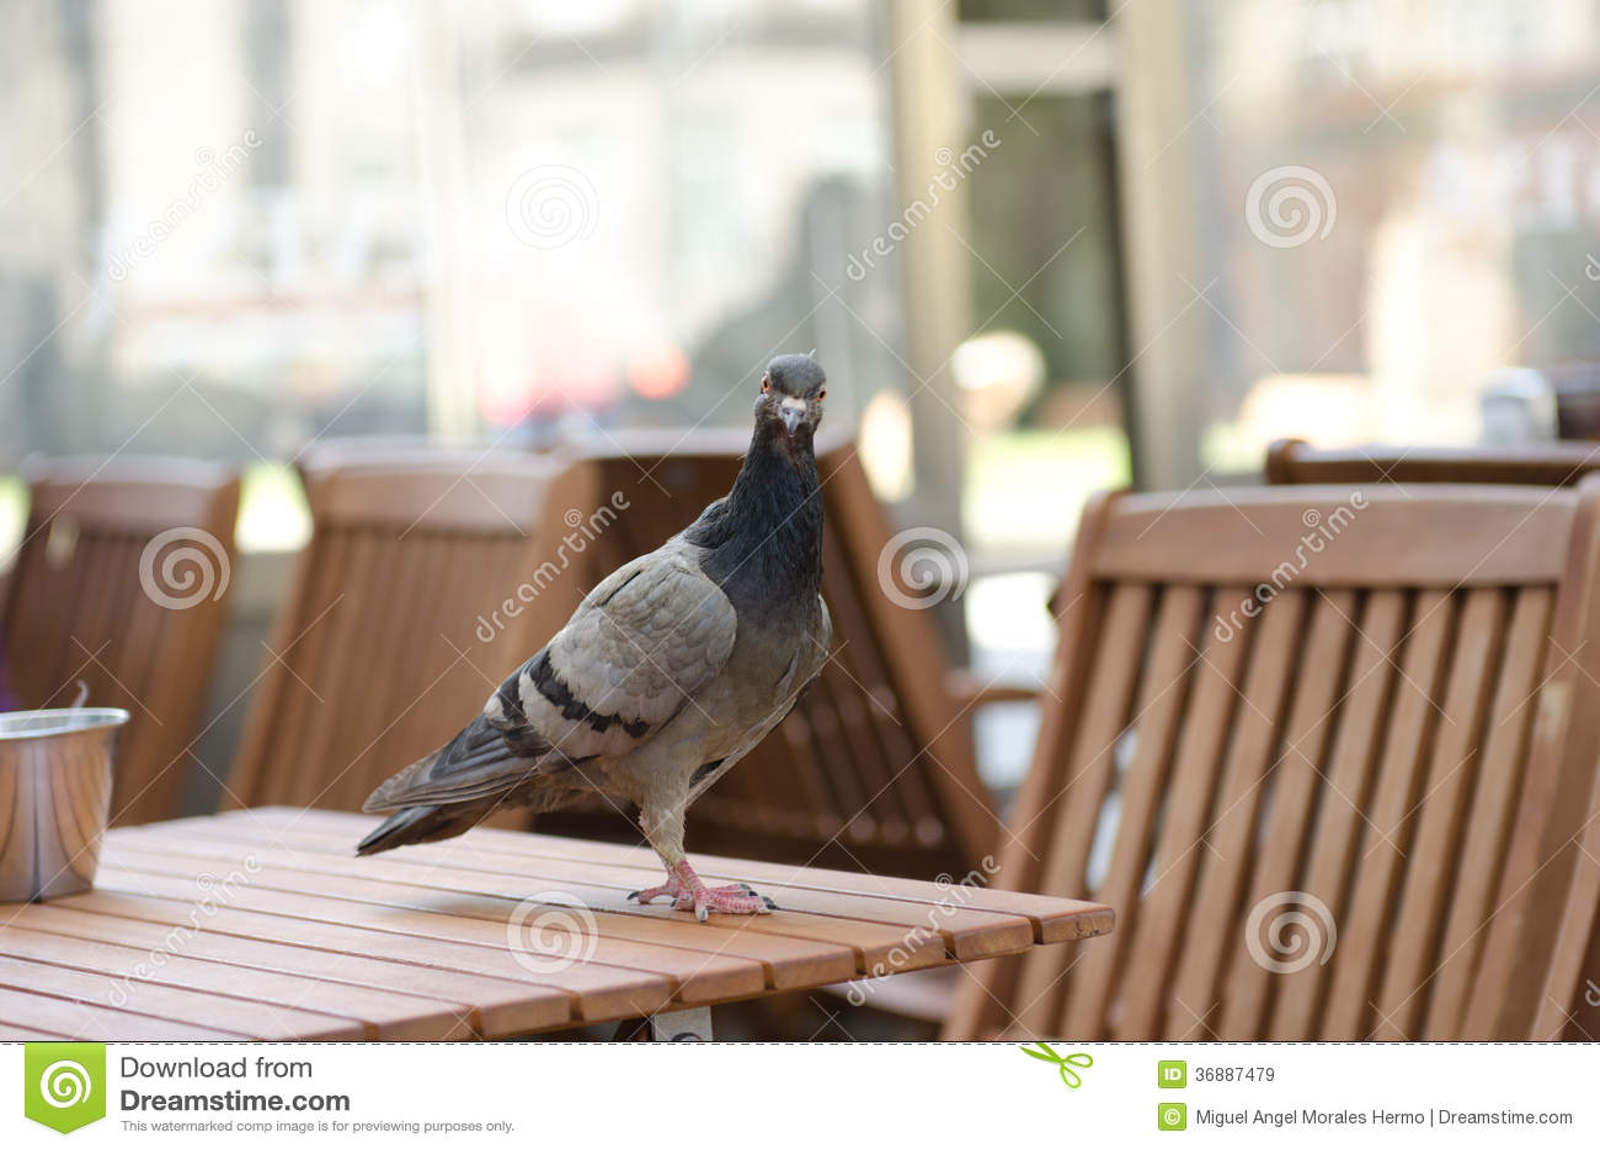 Download Colomba urbana immagine stock. Immagine di uccello, reale - 36887479